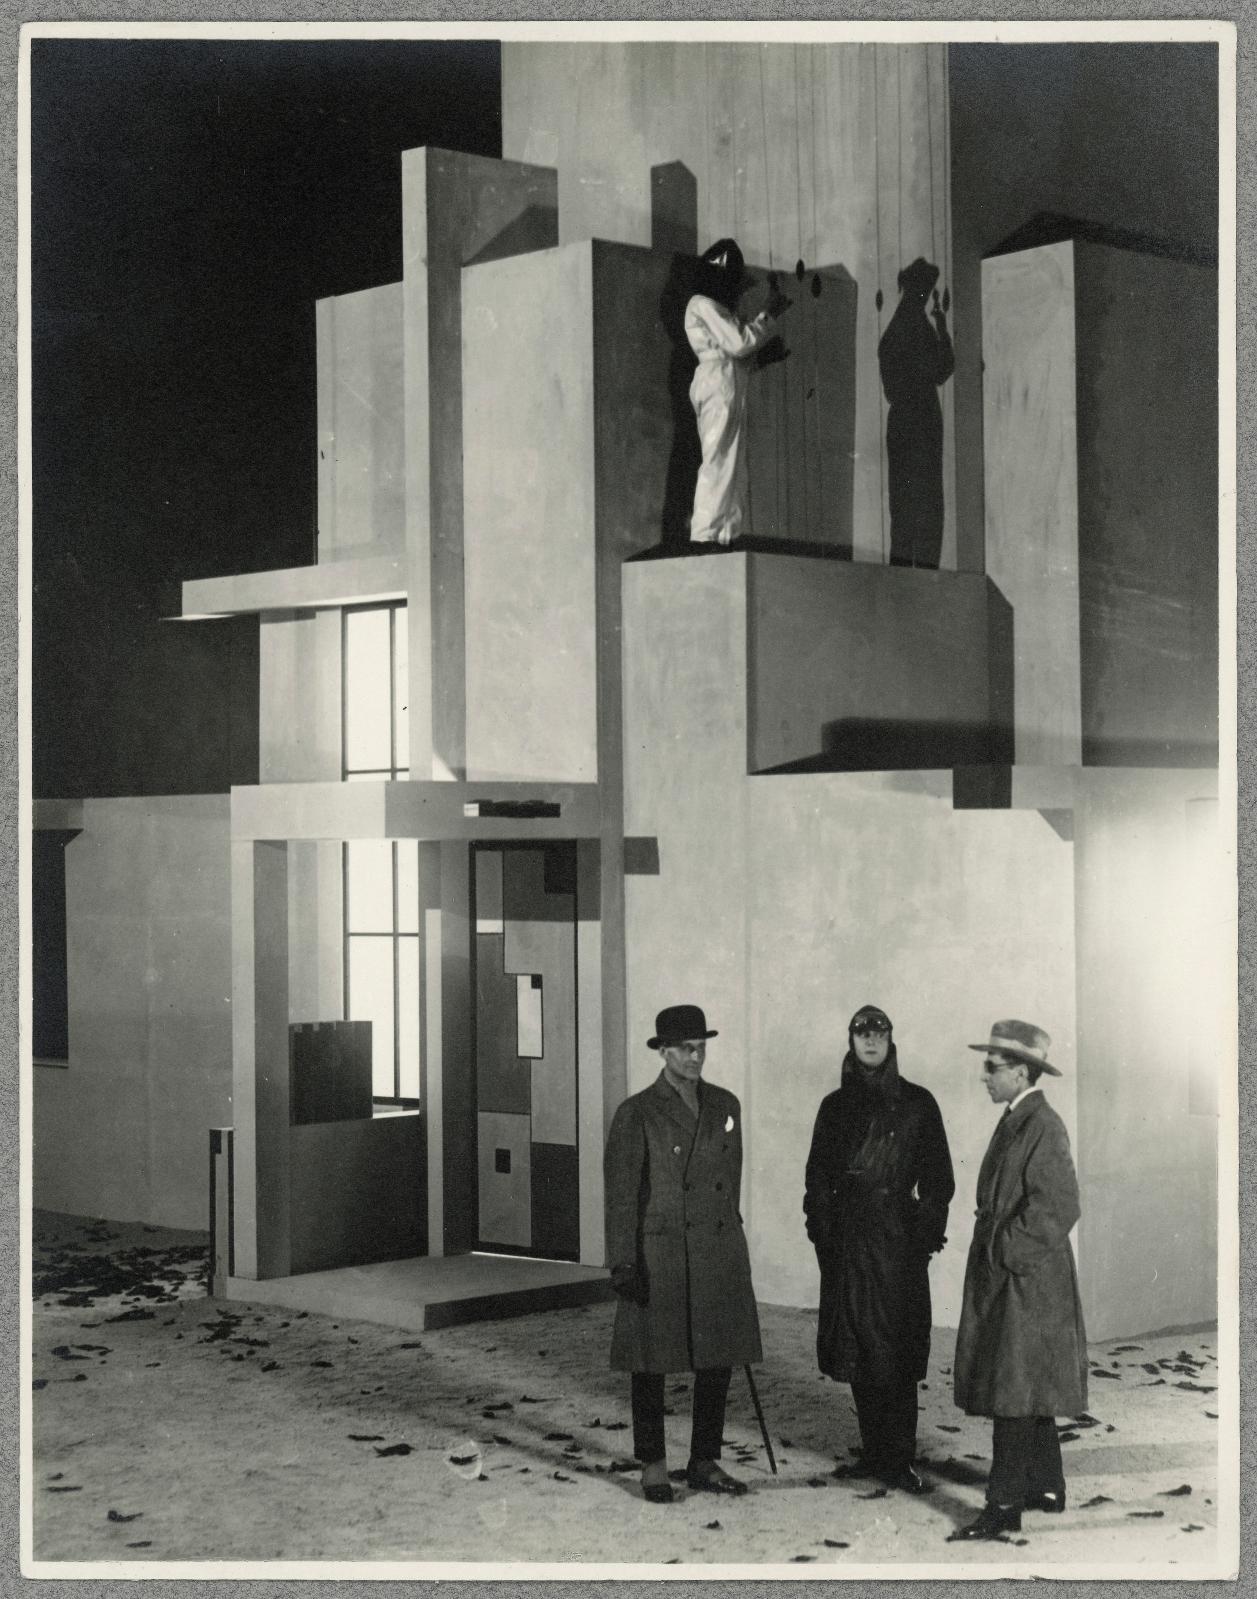 Robert Mallet-Stevens, Pierre Chareau, Fernand Léger, Marcel L'Herbier, Jaque Catelain, L'Inhumaine, 1923, sept tirages argentiques d'époq